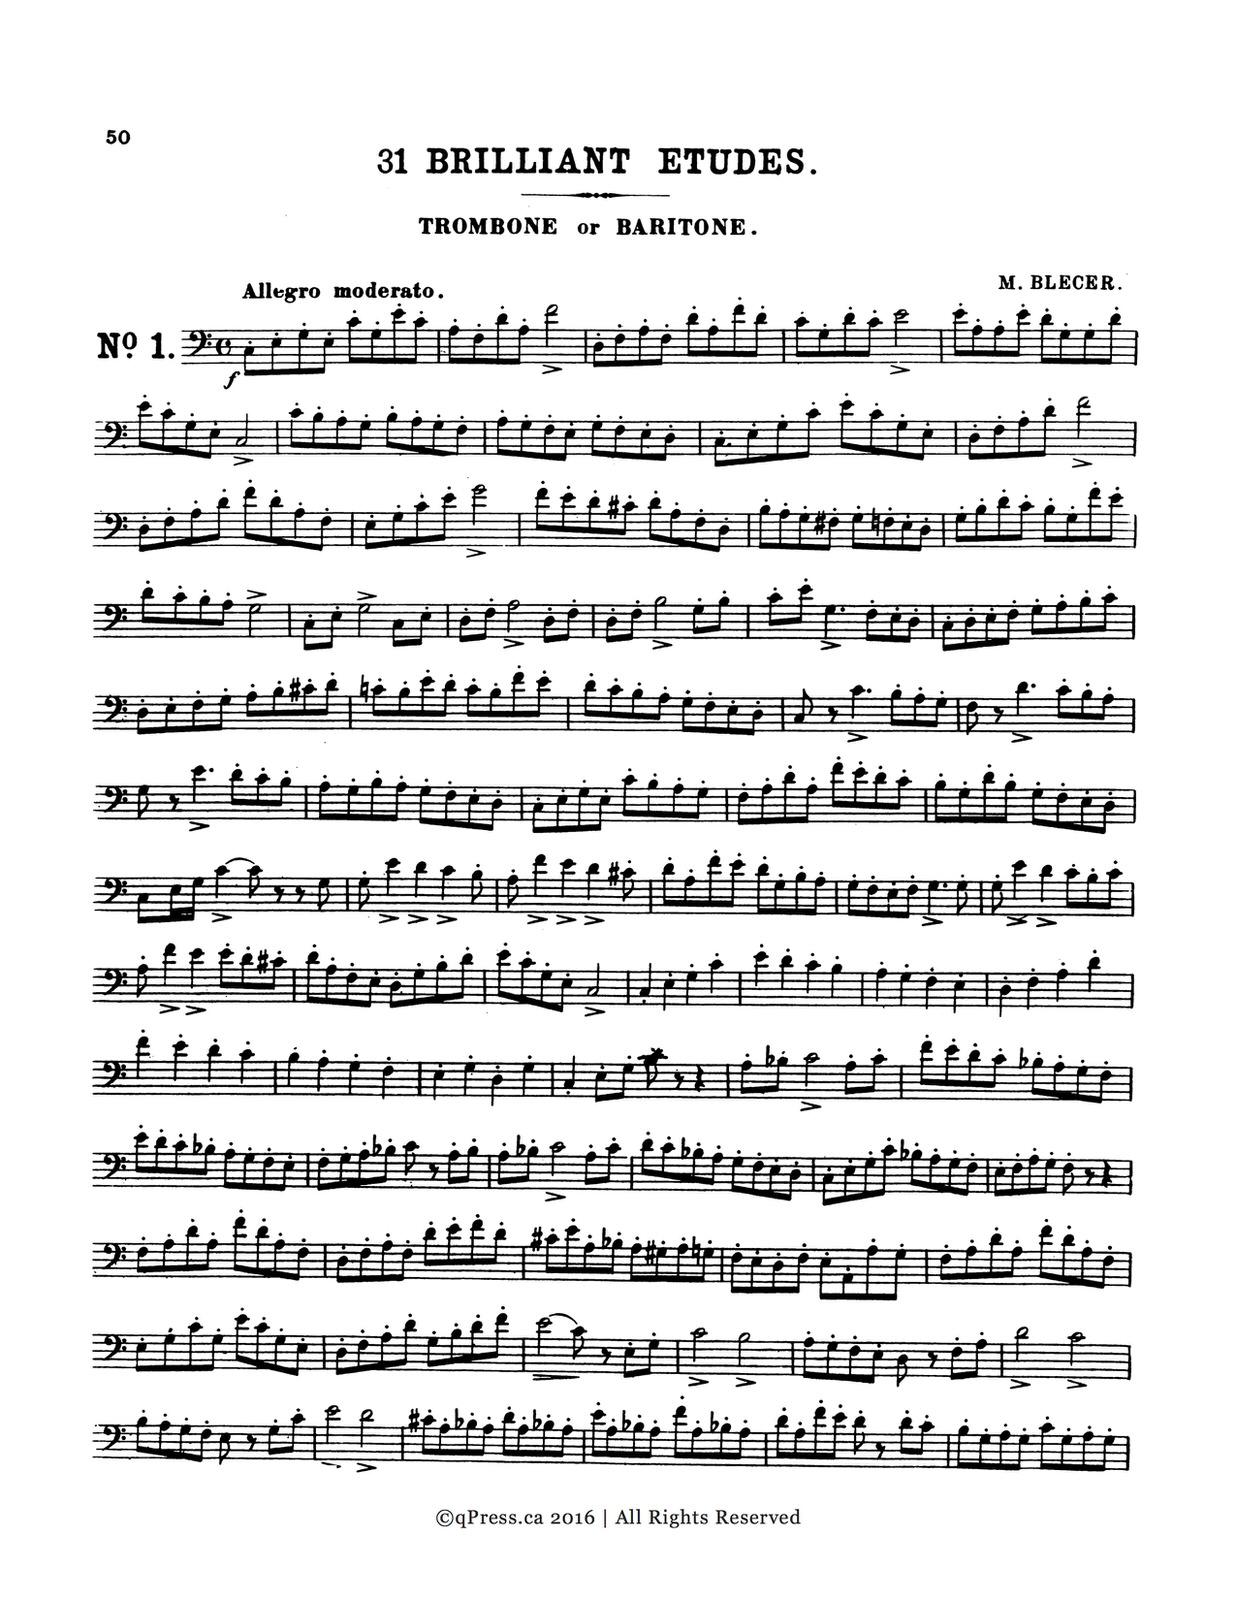 Cornette-Procter, Method for Trombone 6